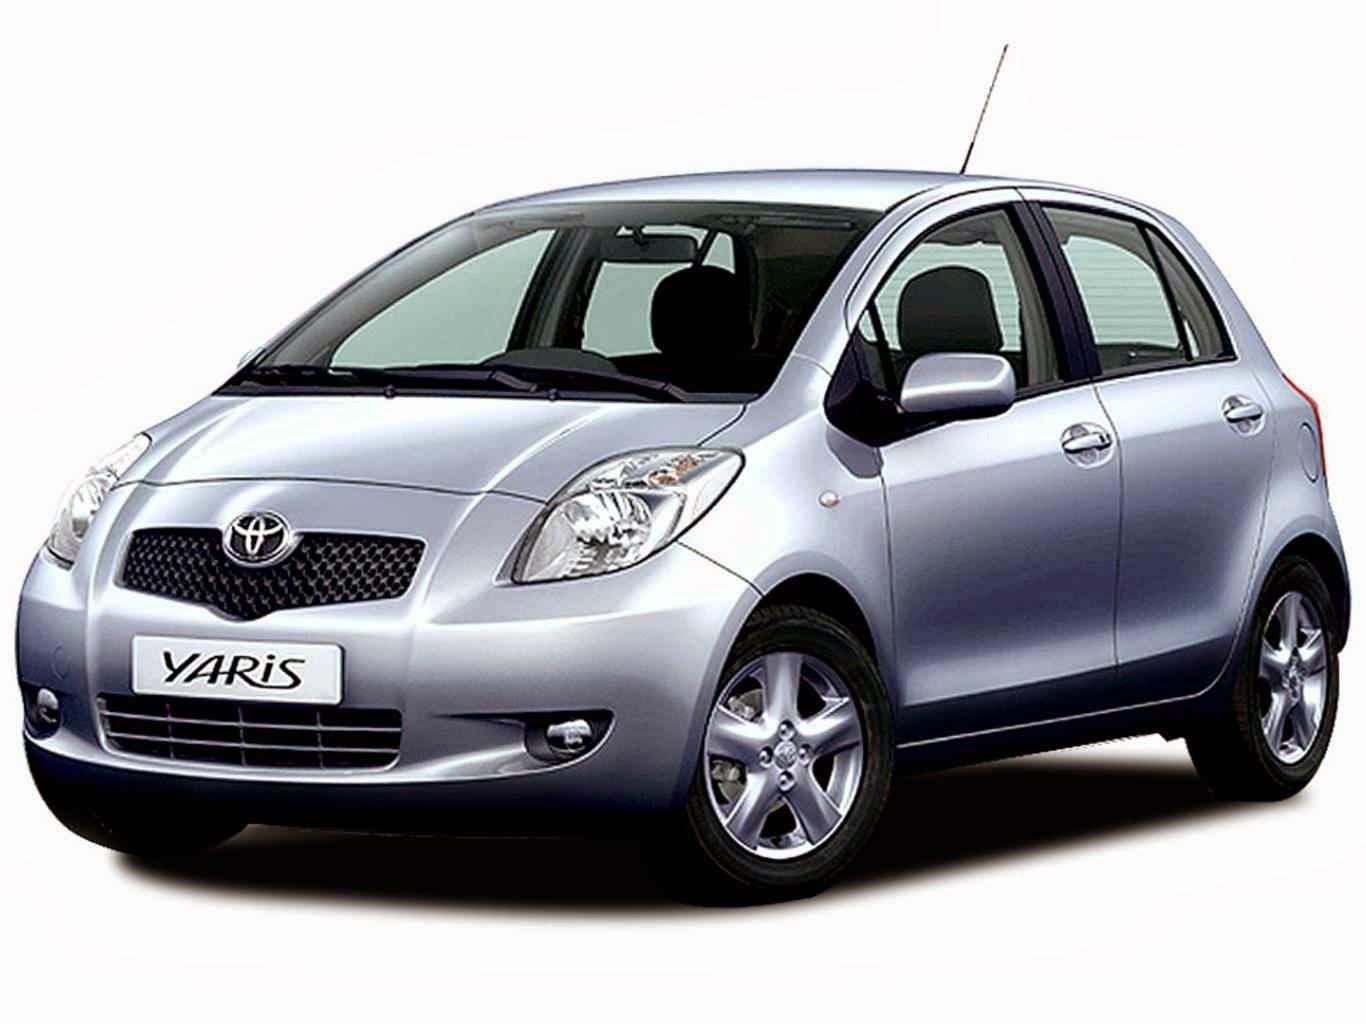 Harga Toyota Yaris Trd Bekas Jok Belakang Grand New Avanza Daftar Terbaru 2015 Informasi